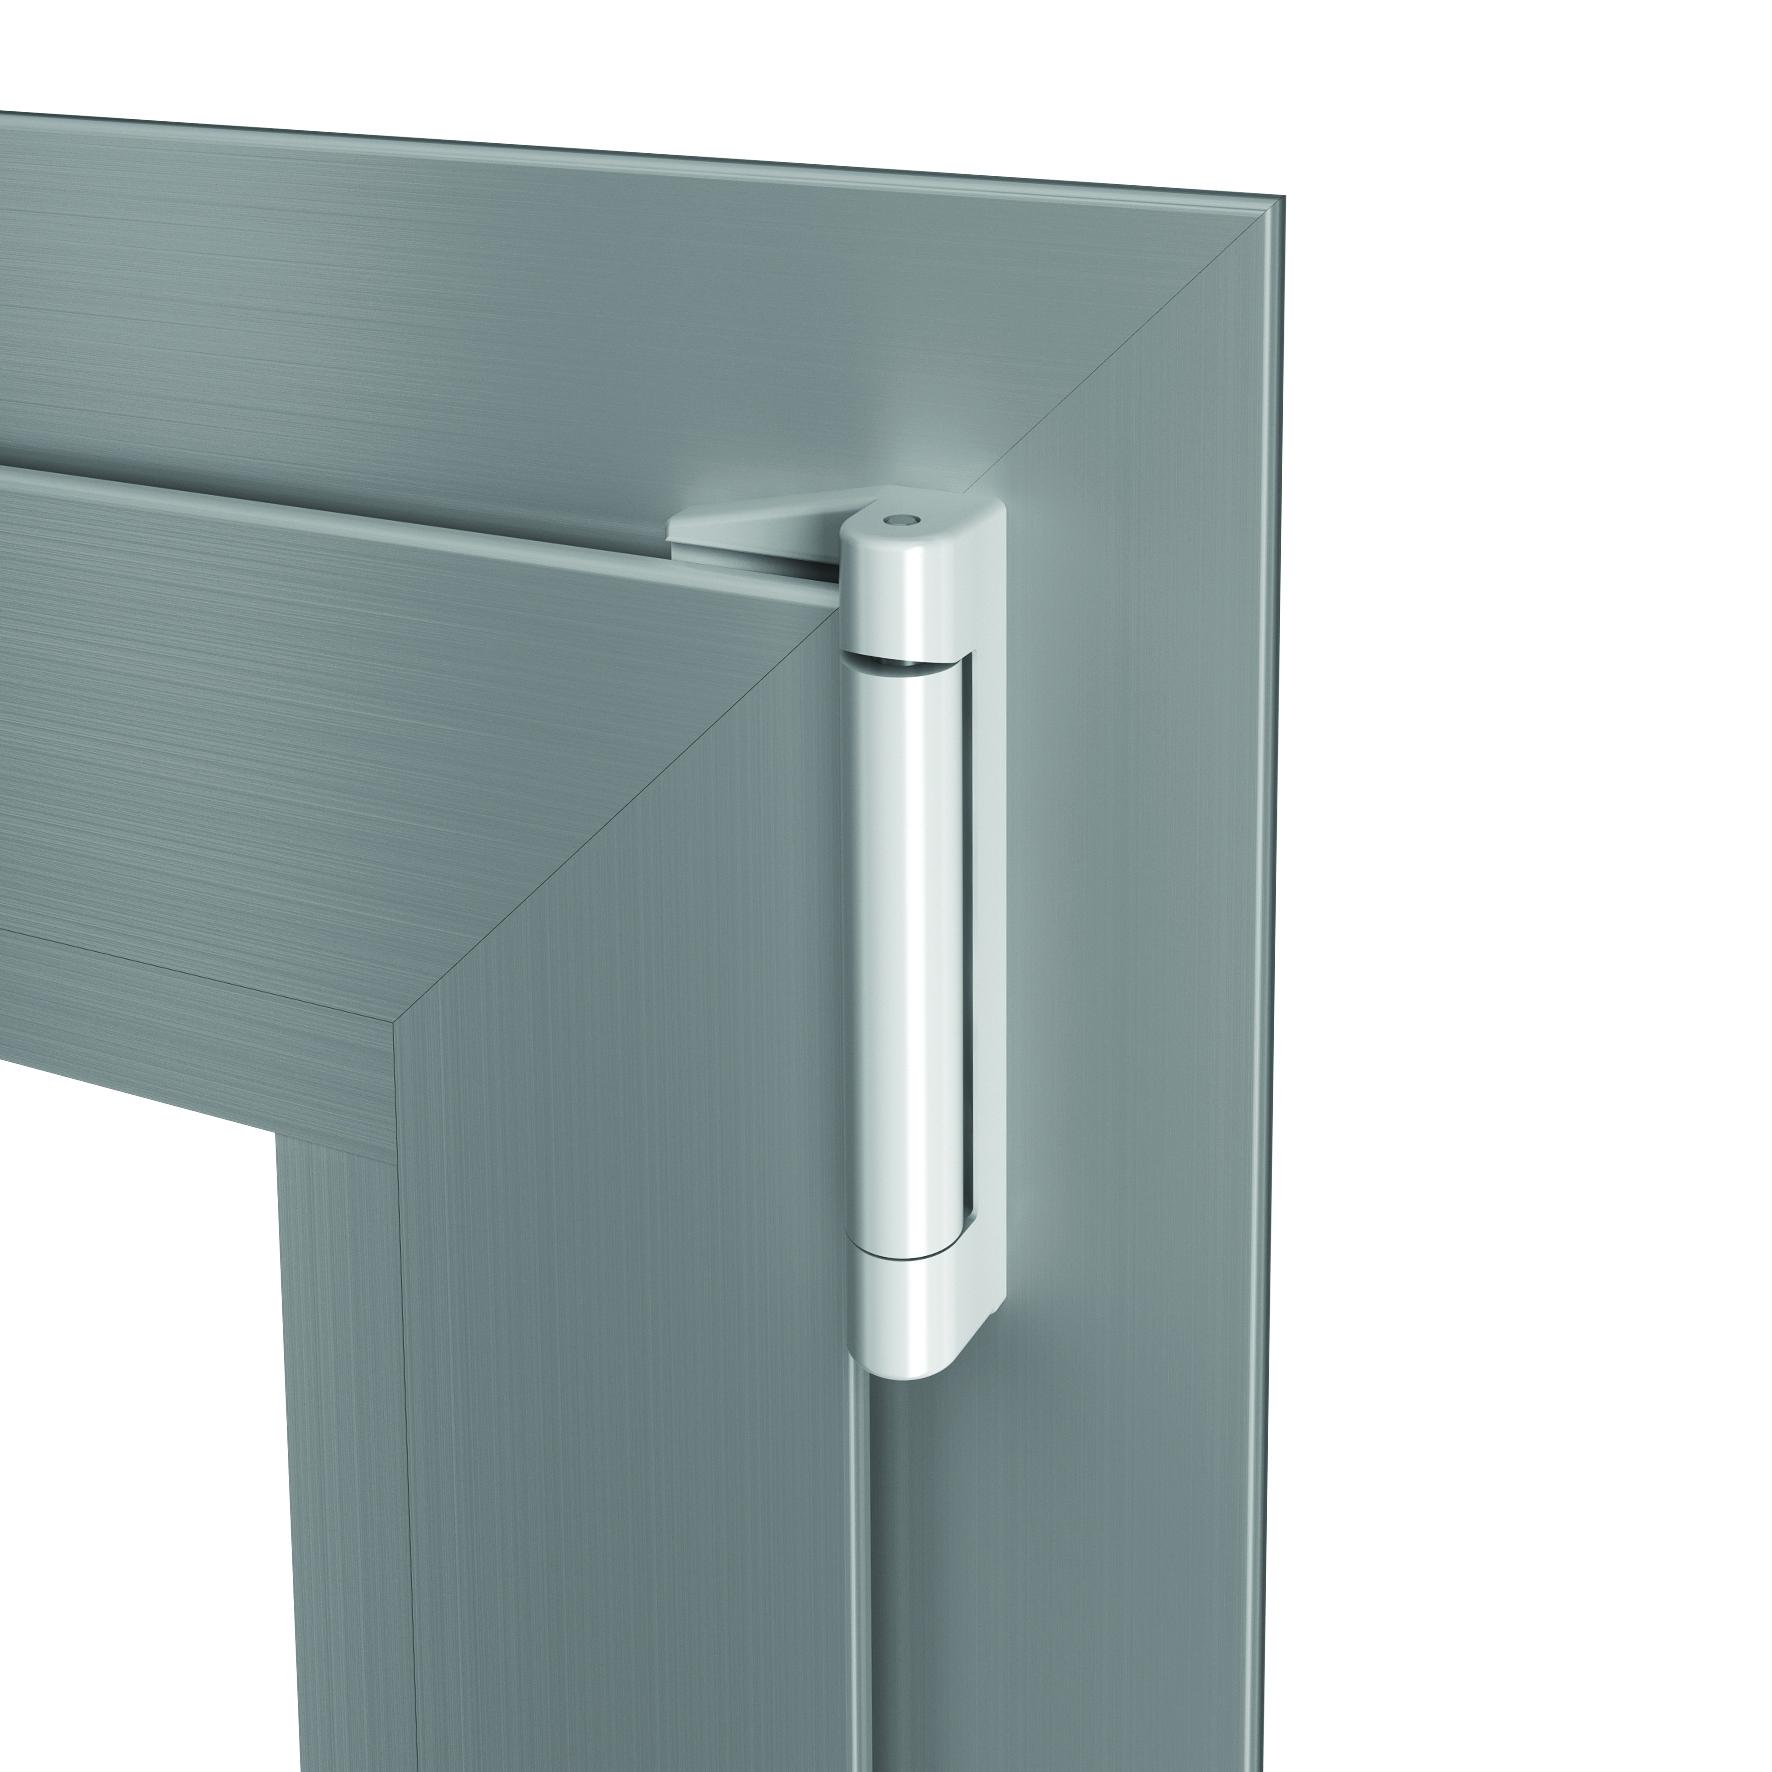 Ribantatre di savio cerniere registrabili per l anta ribalta il giornale del serramento - Cerniere per finestre ...